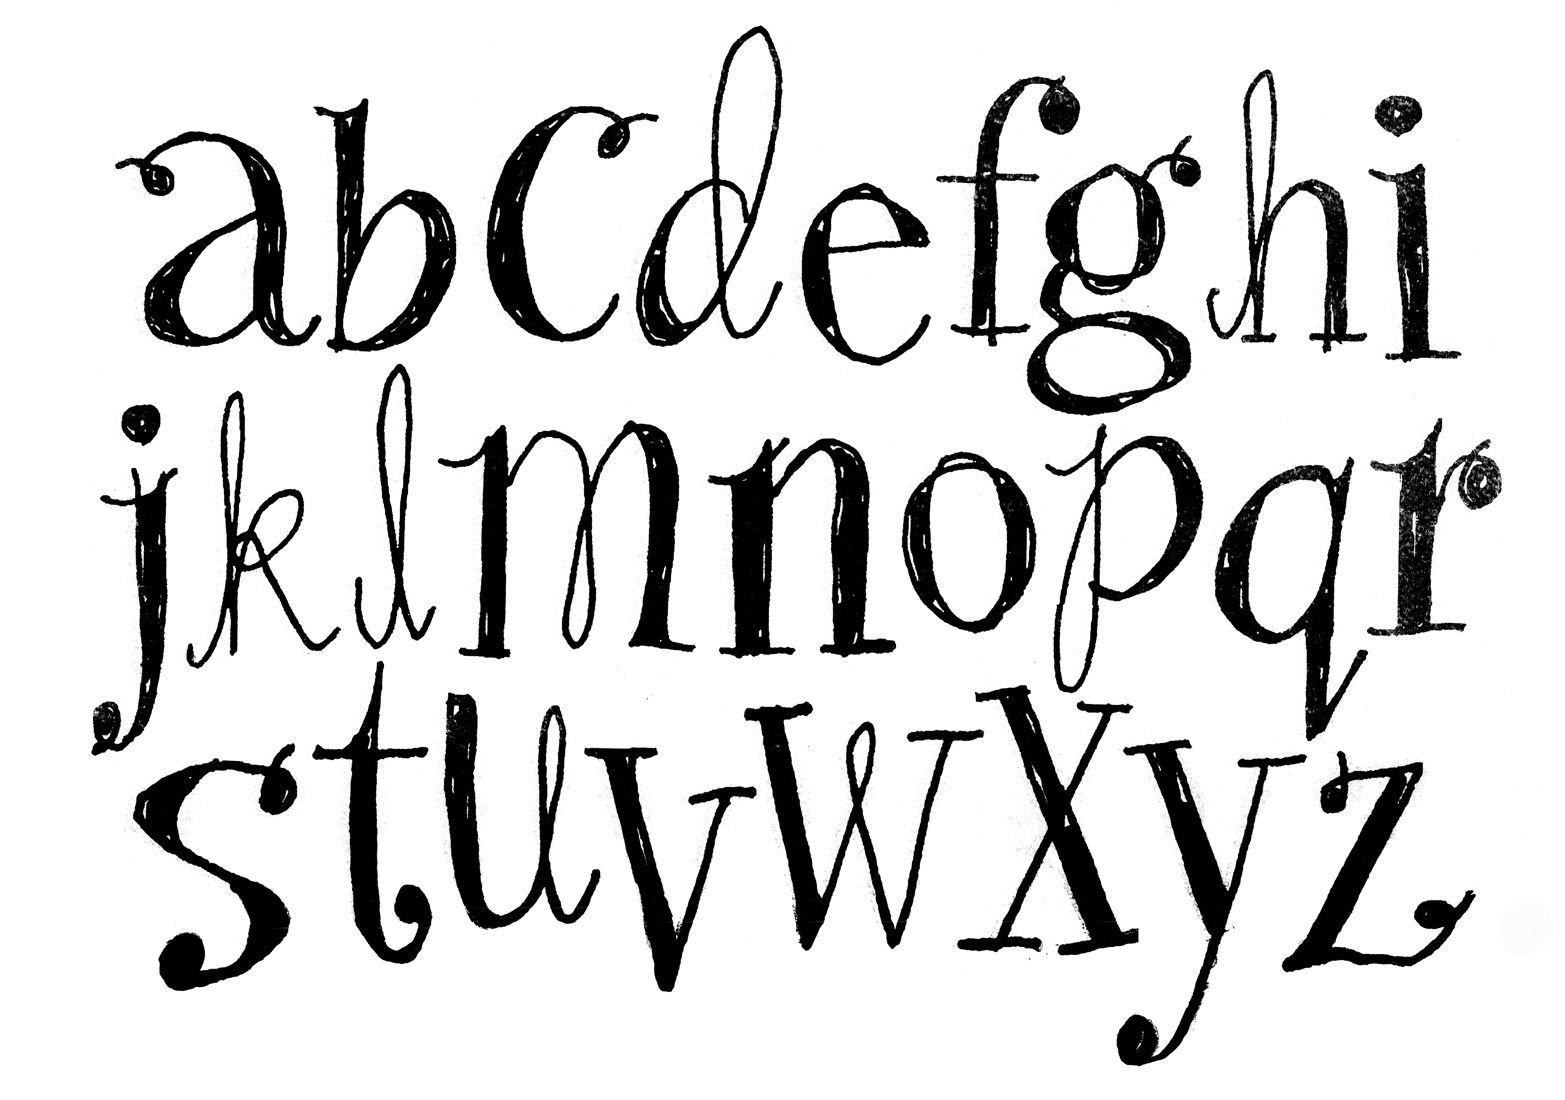 Free Bubble Letter Font Omfvasx6vby Tvz2ngdkkei